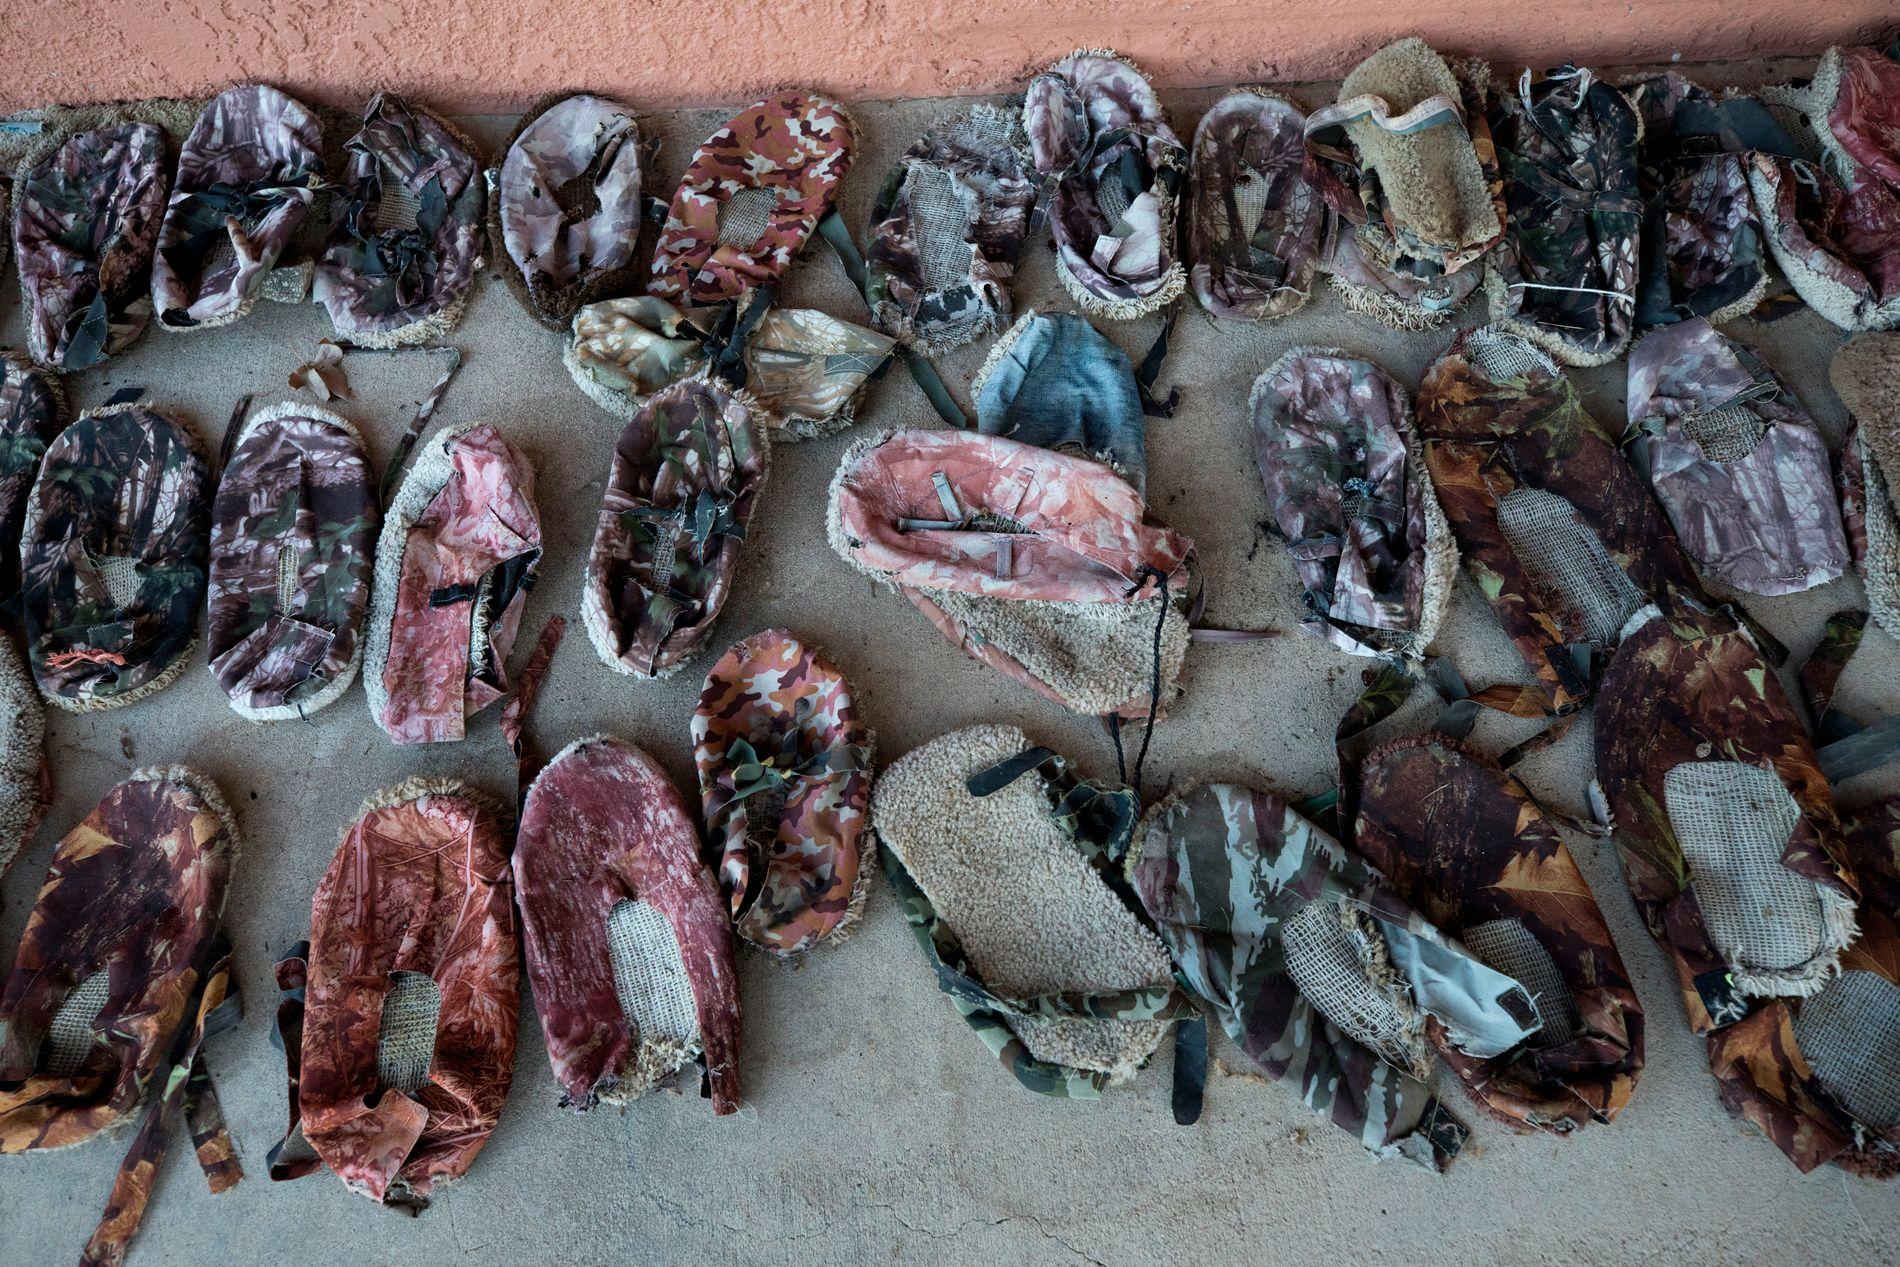 GÅR SKOENE AV SEG: Jim og Sue Chilton har funnet flere titalls sko av denne typen på ranchen.